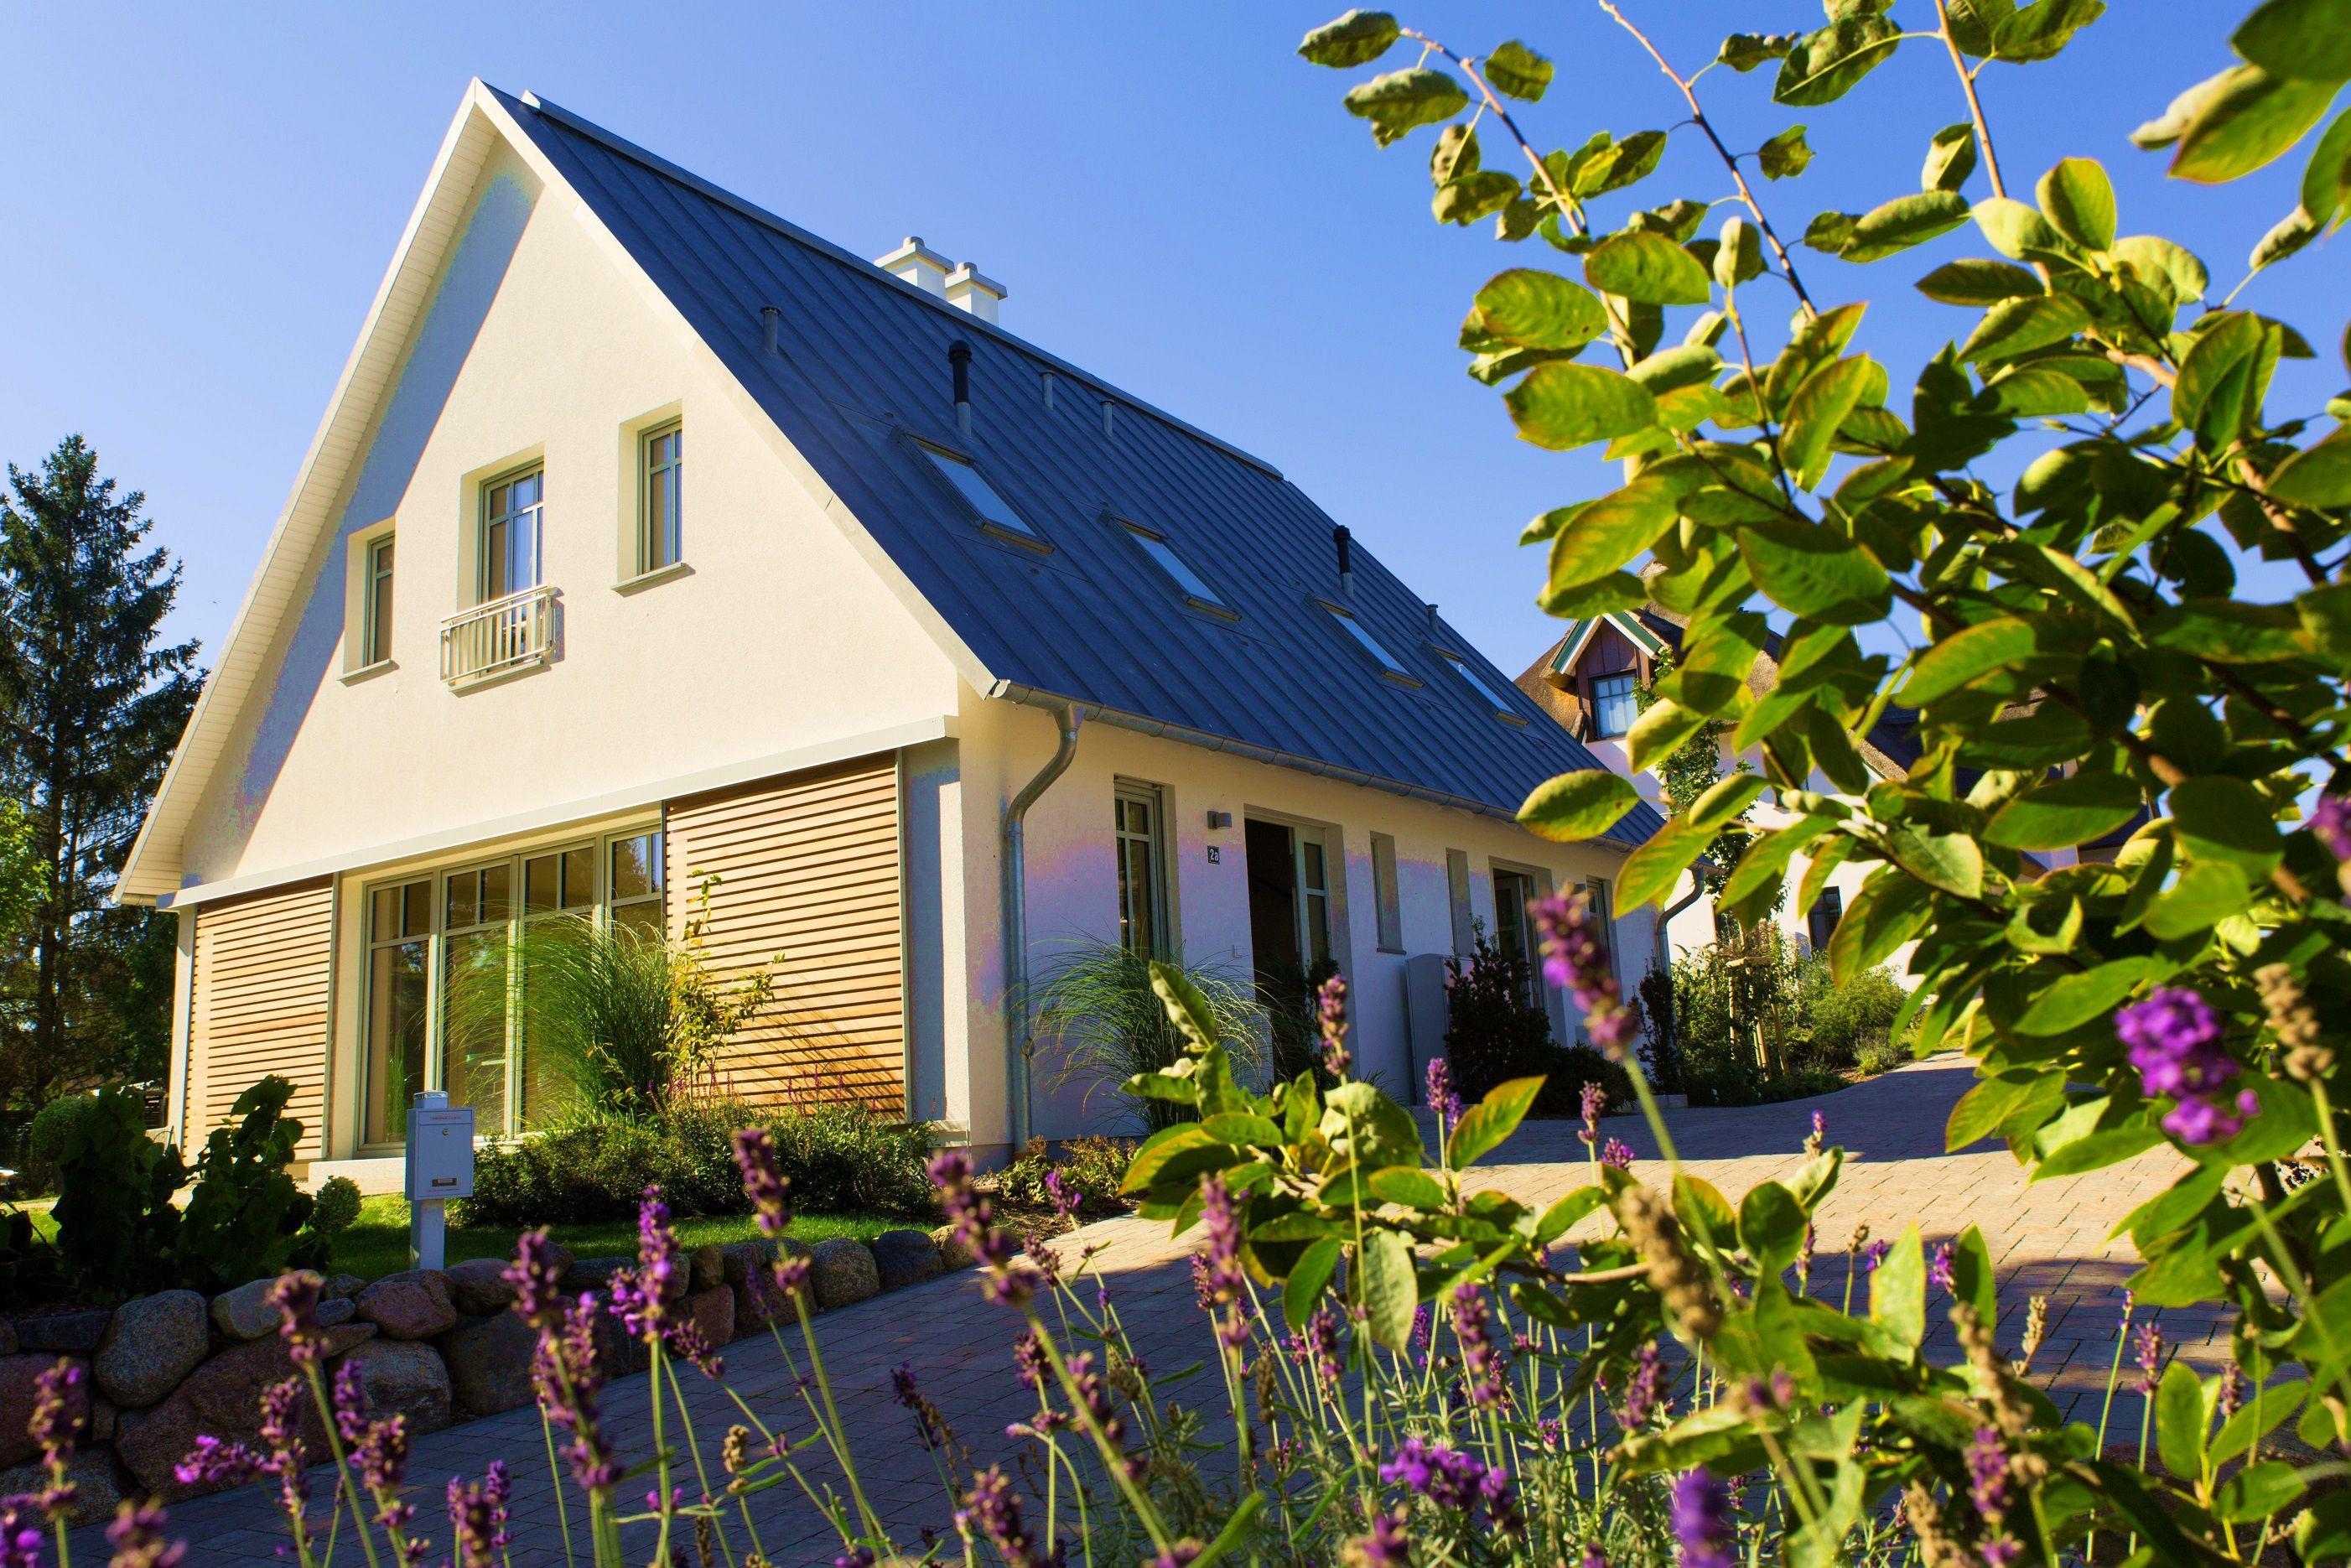 Modernes bungalow innenarchitektur wohnzimmer luxus ferienhaus   doppelhaushälften für  personen in traumhafter